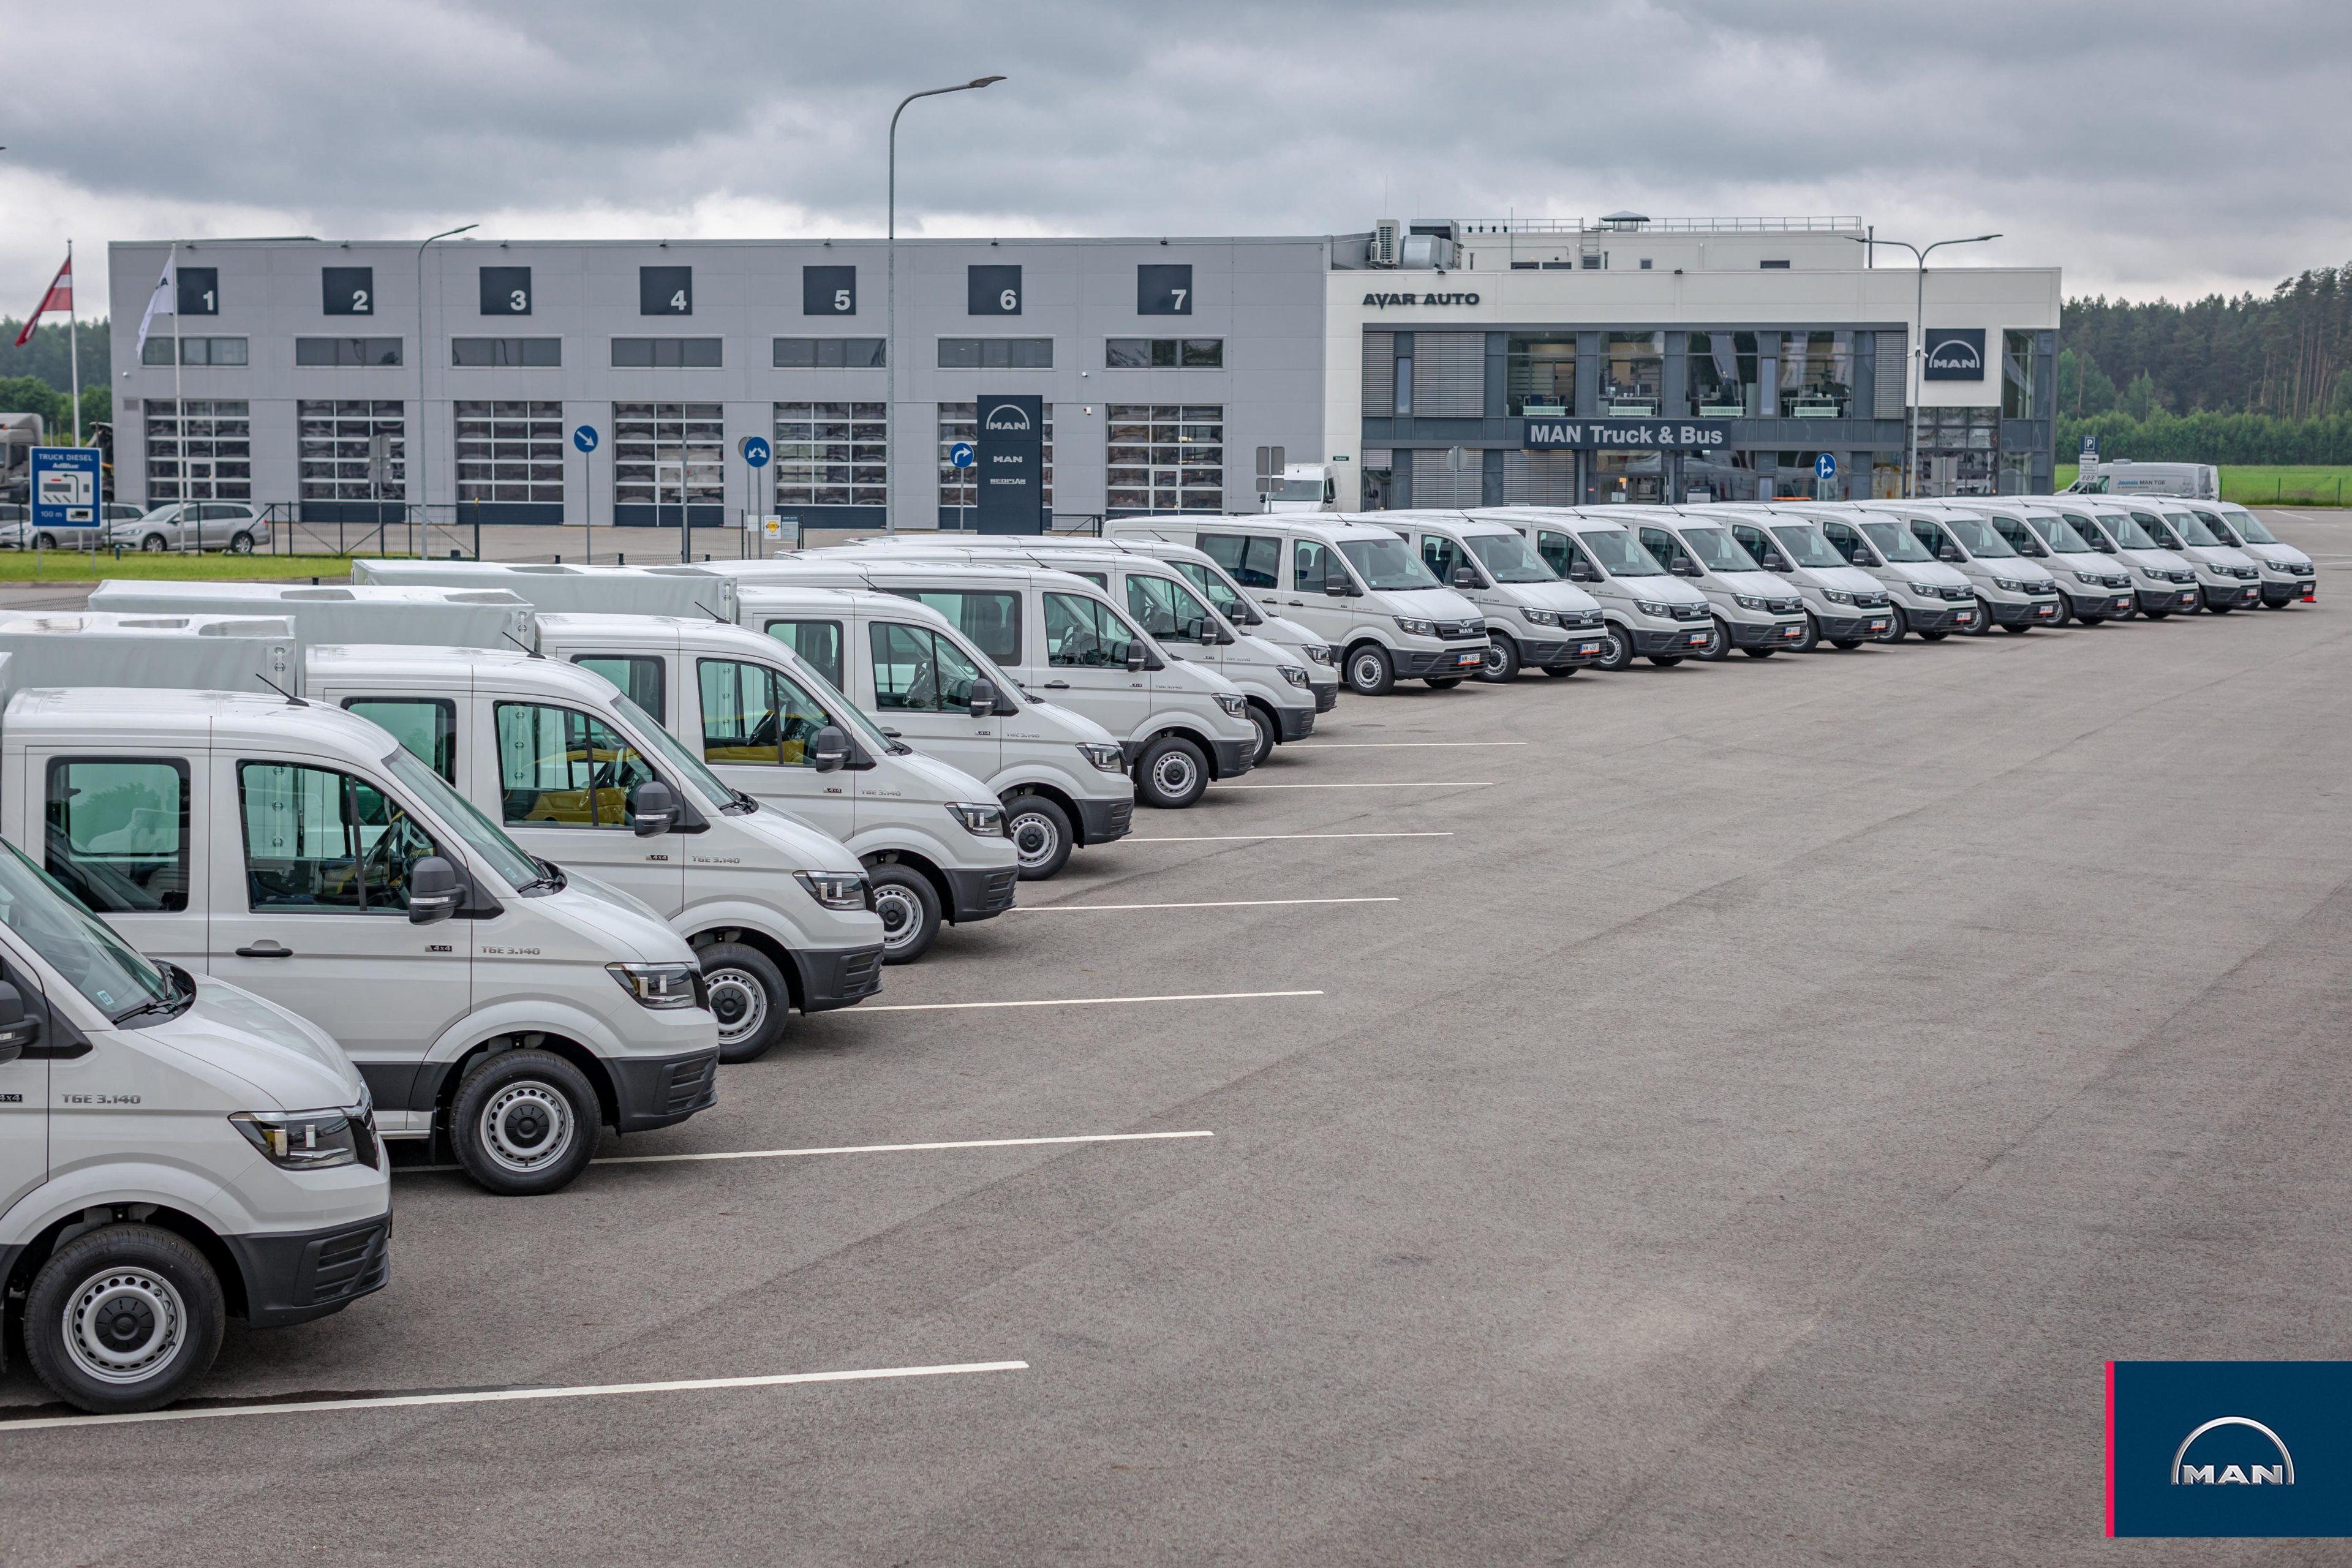 Avar Auto piegādājis 19 jaunus MAN TGE kravas furgonus Latvijas dzelzceļam